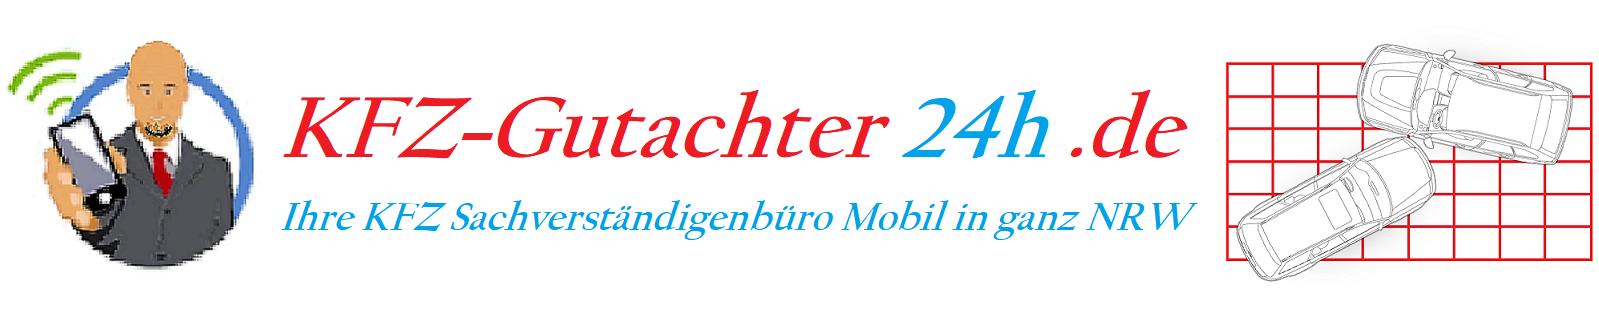 KFZ-Gutachter 24h